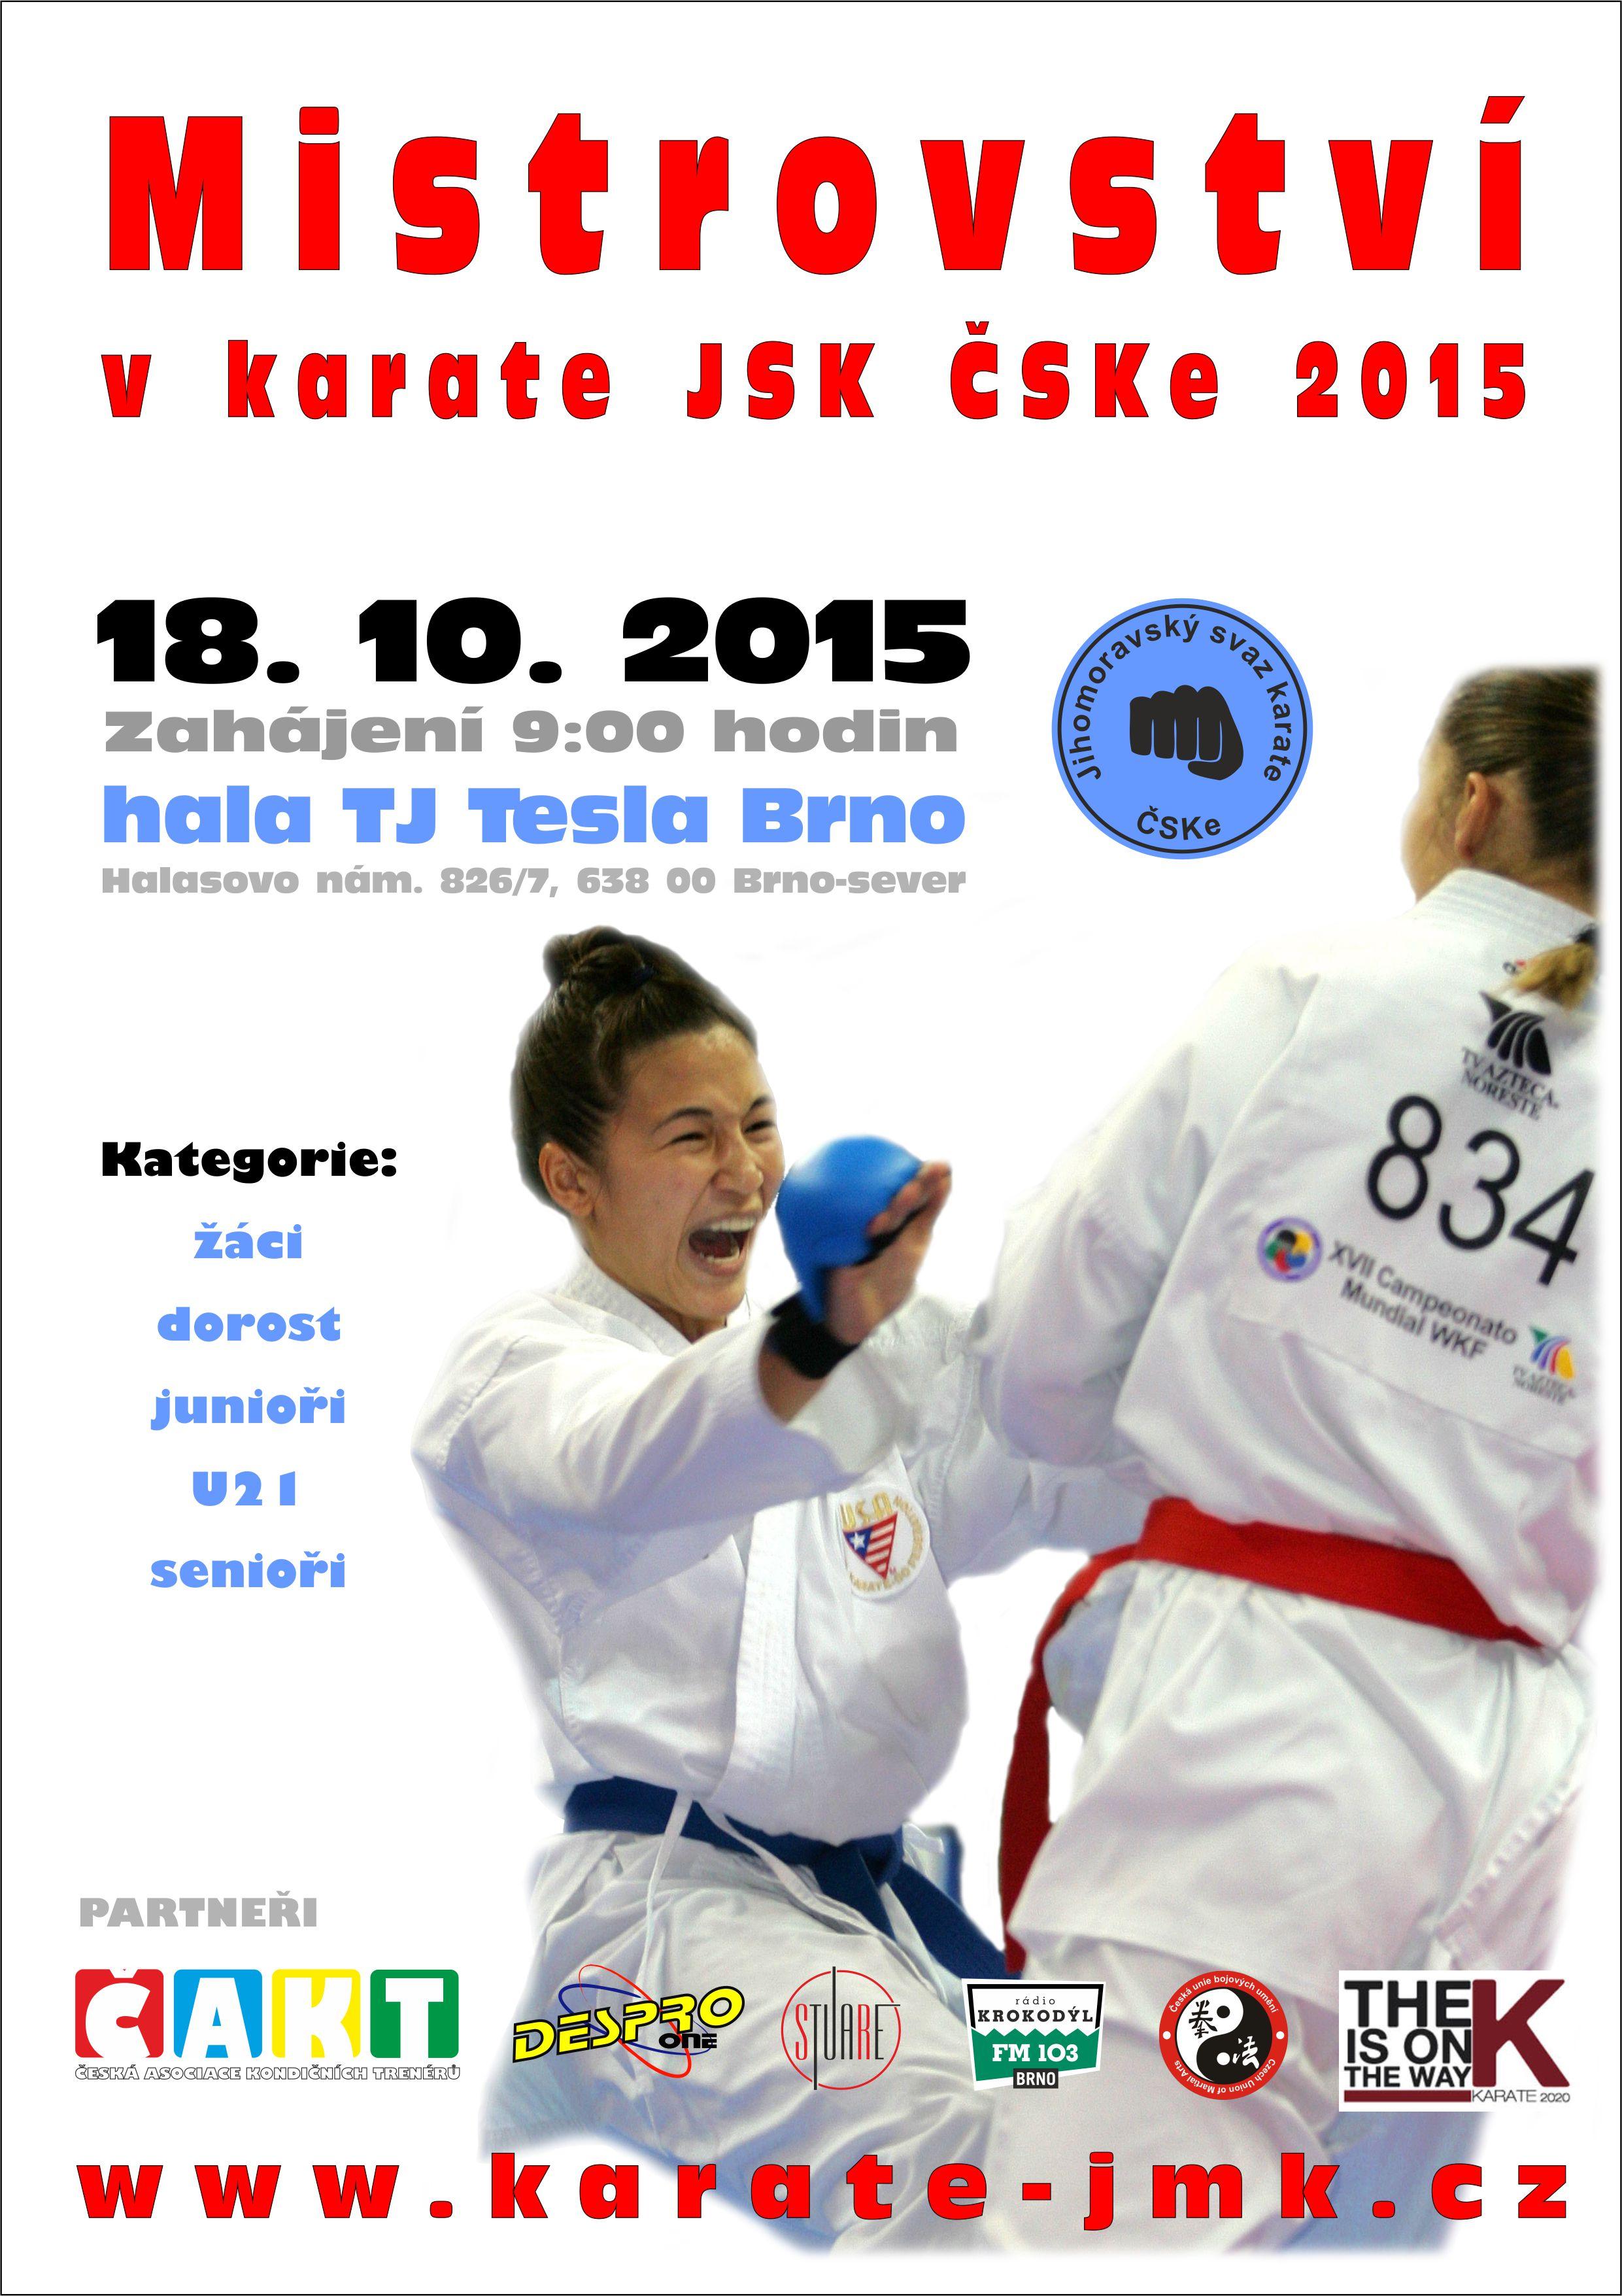 Plakát v Mistrovství JMK v karate JSK ČSKe 2015- oprava